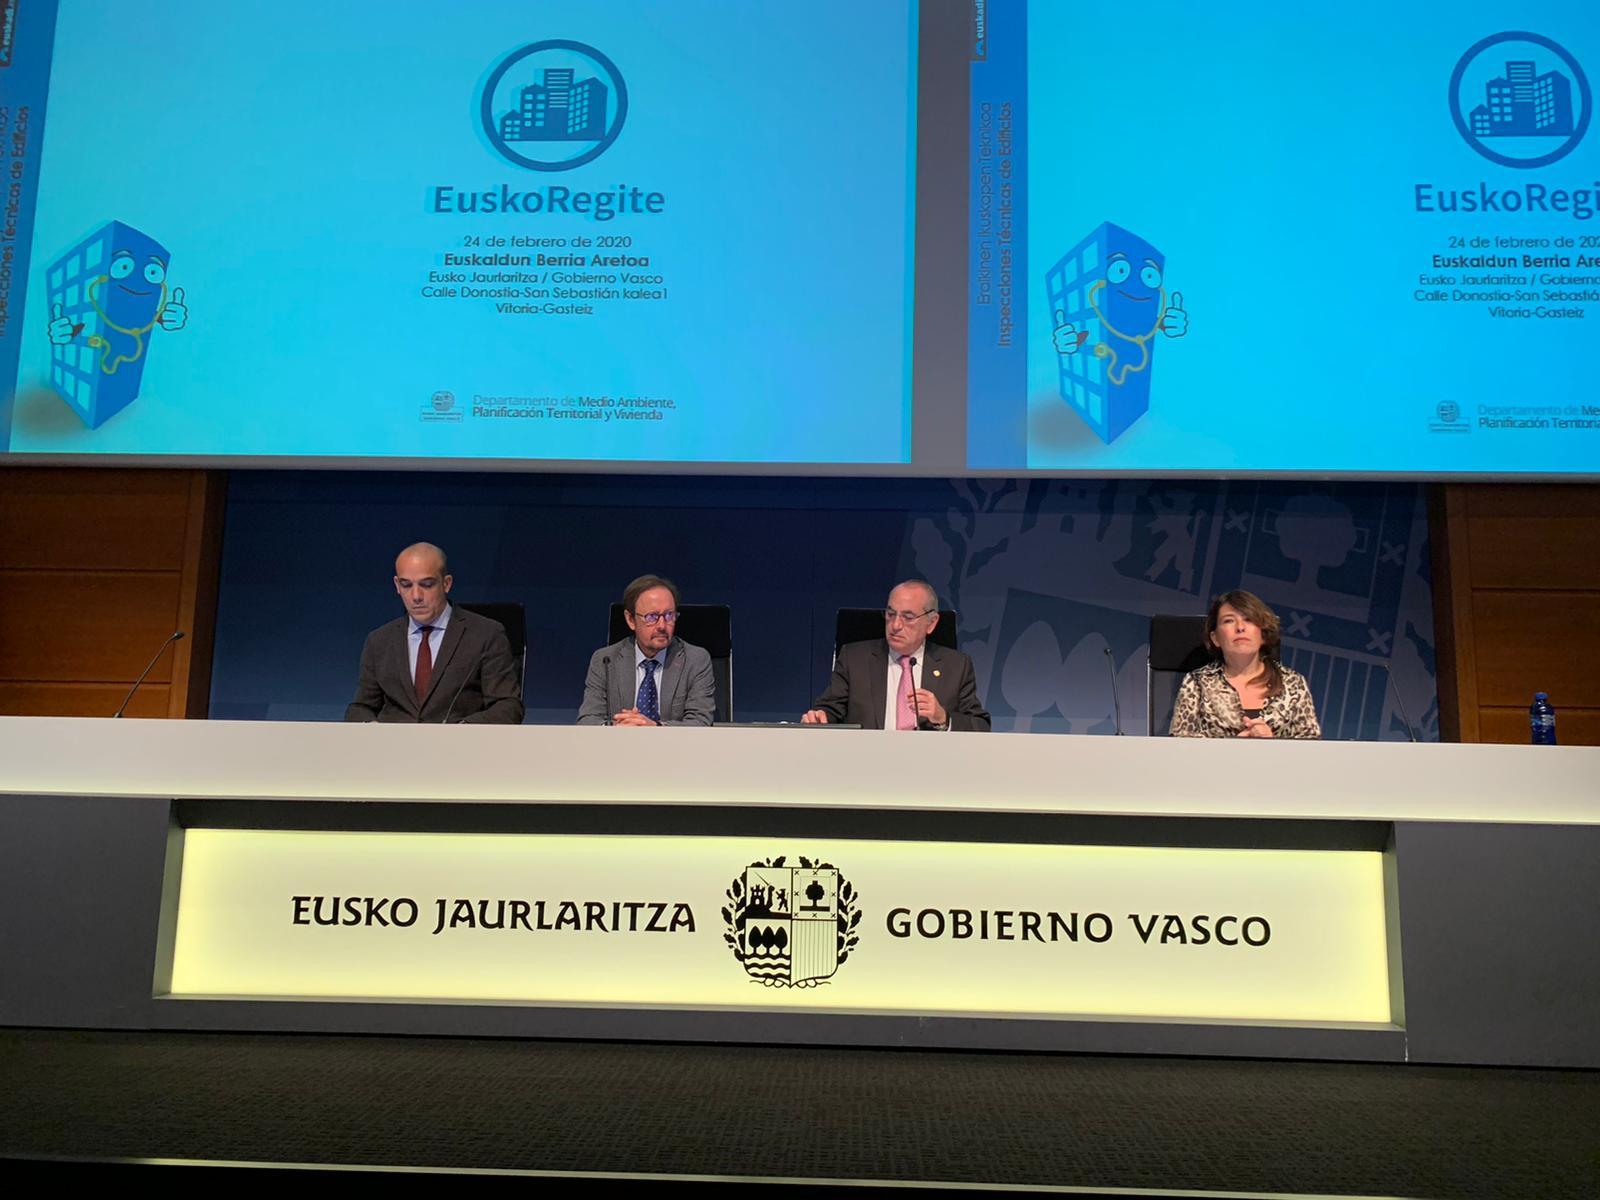 El consejero Arriola recuerda que las ITEs son fundamentales para asegurar la conservación de los edificios en los que vivimos  [66:34]